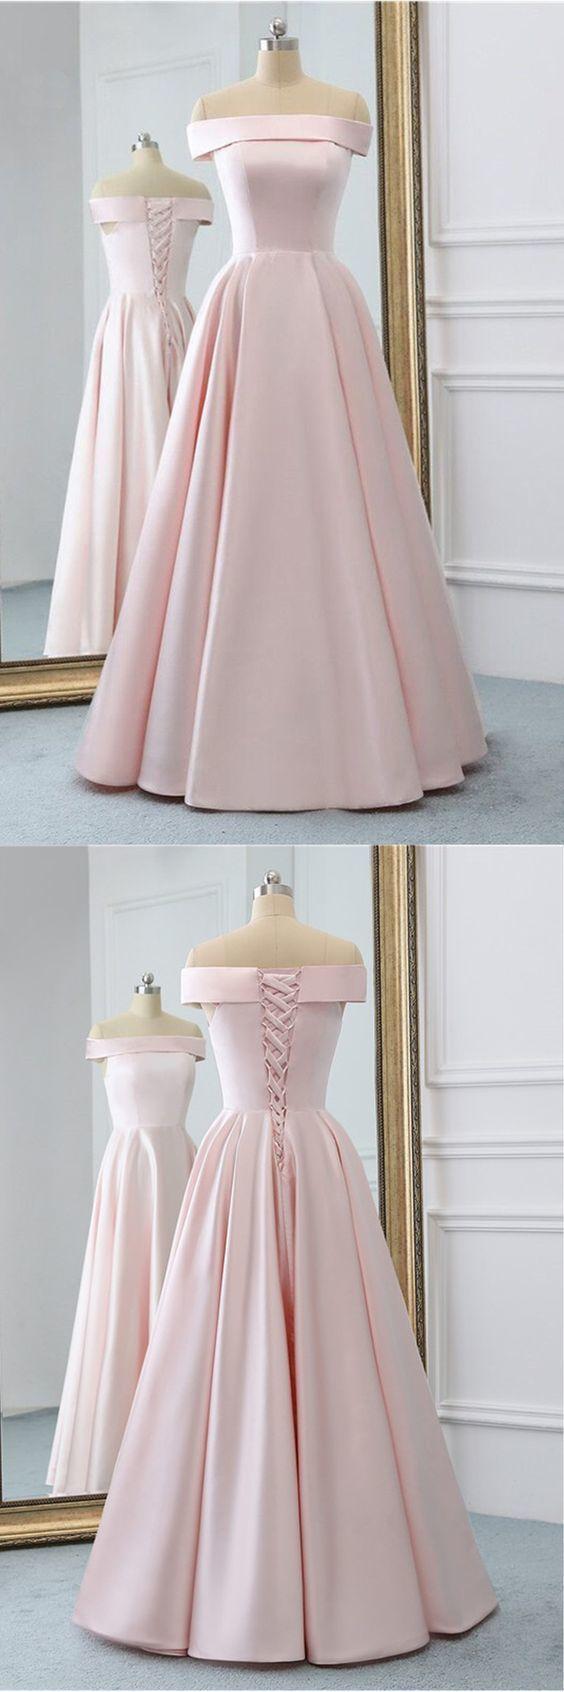 Rosa Satin Langes Abendkleid Mit Taschen, Rosa Abendkleider #branddresses